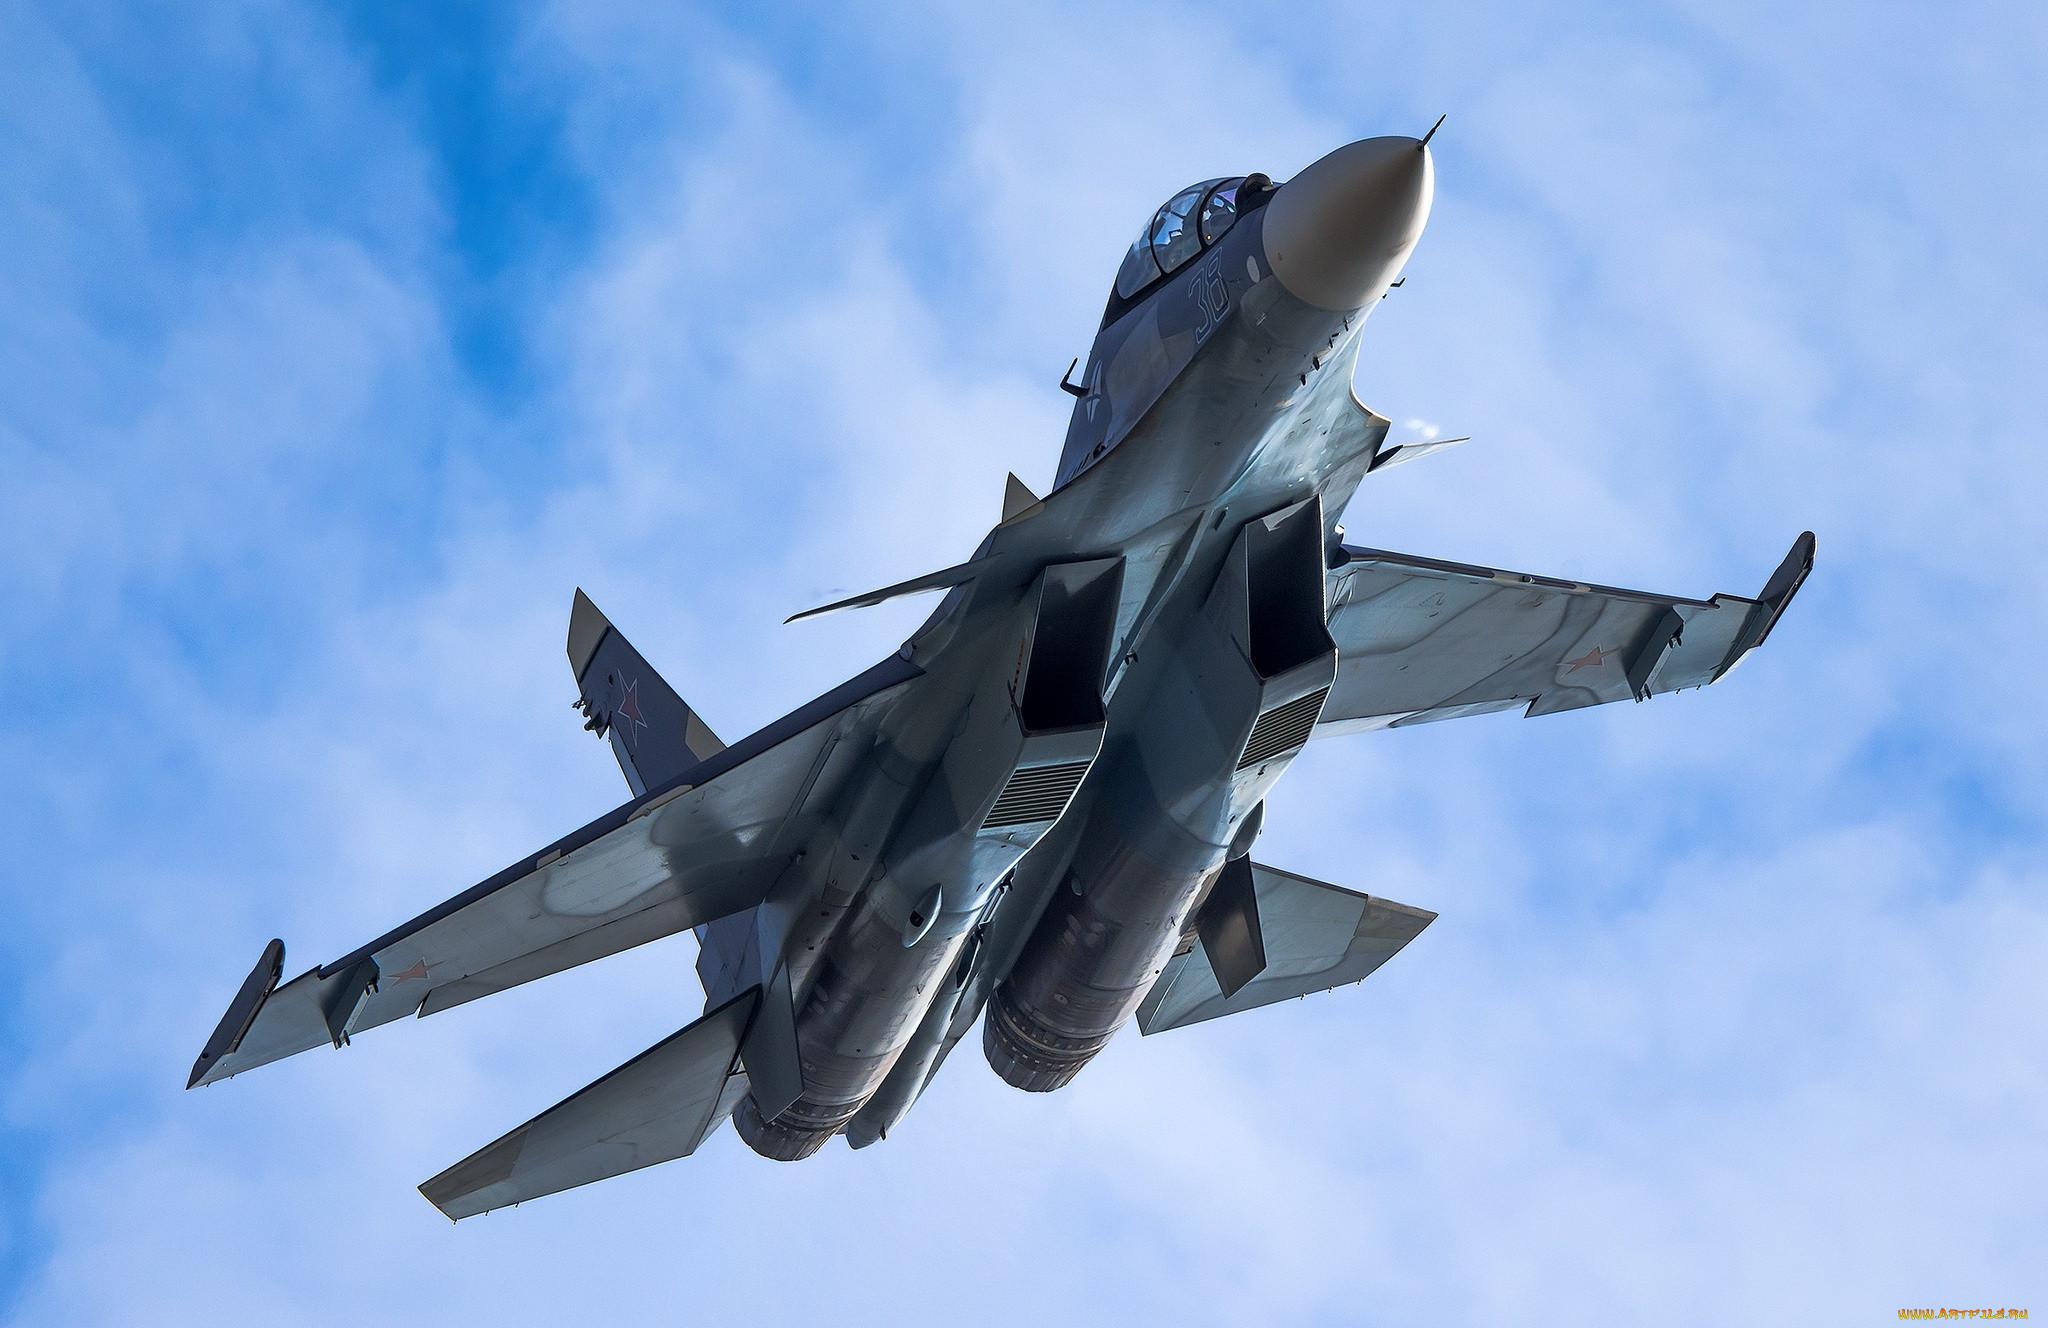 Цена ошибки: разбившийся в Тверской области истребитель Су-30 cбили по ошибке